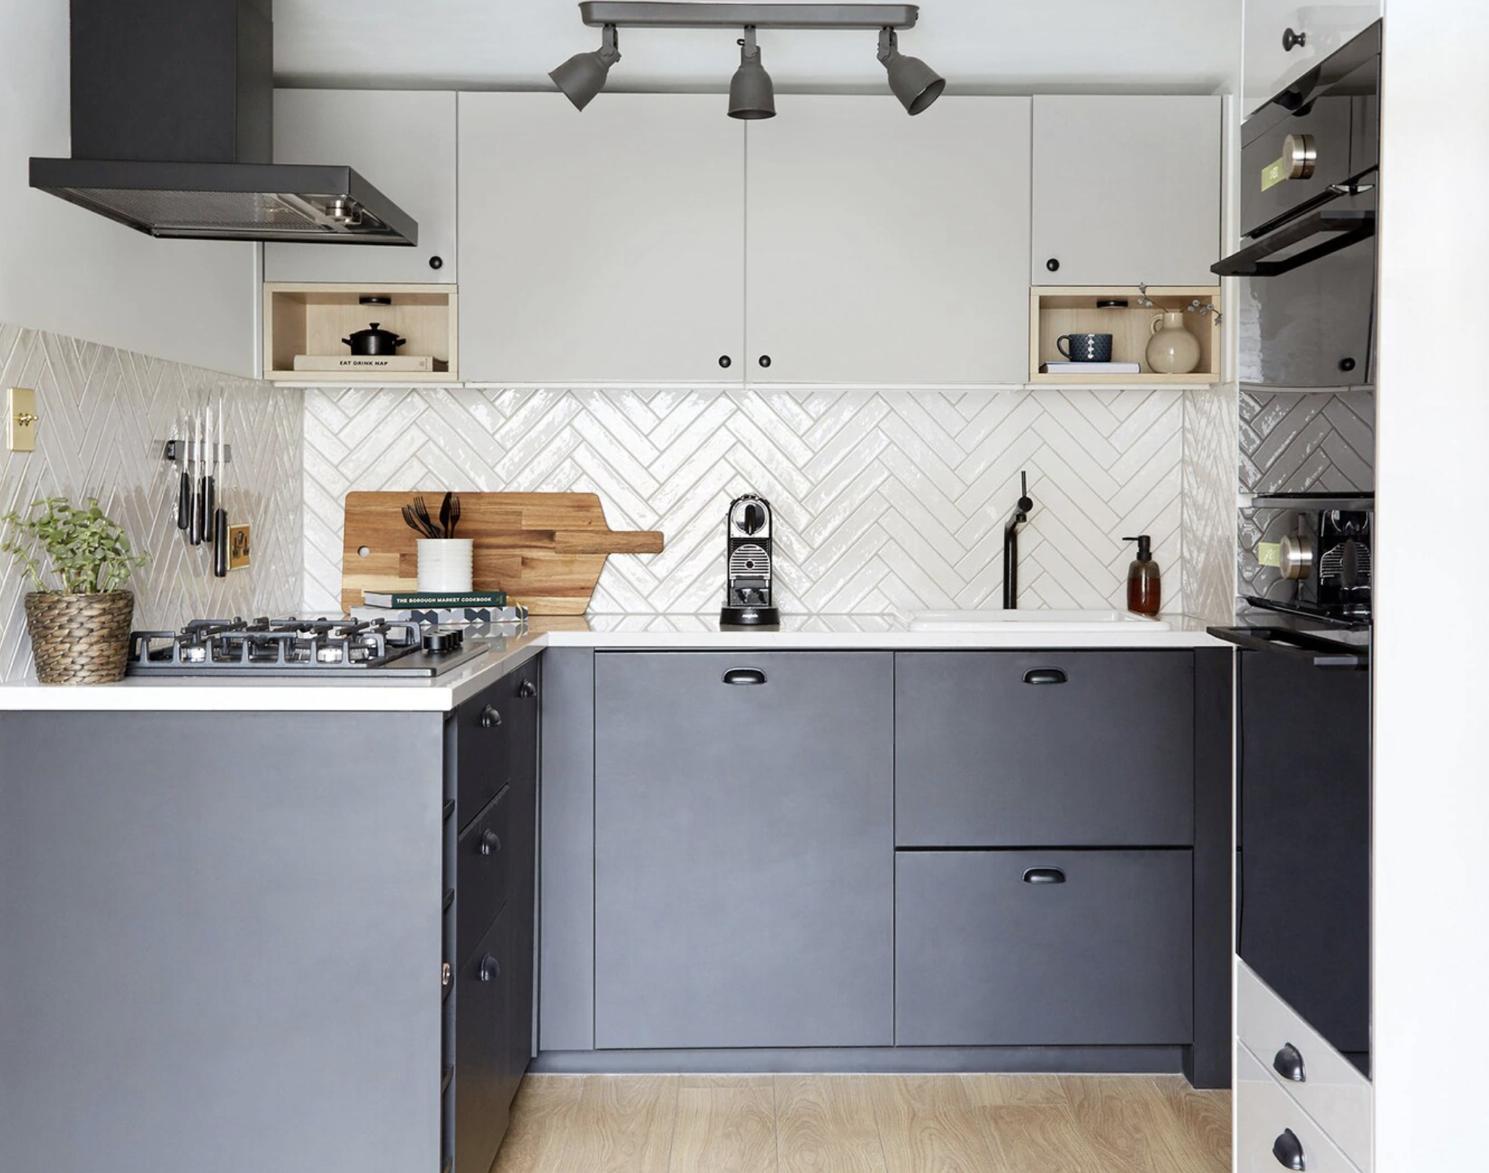 10 Inspirasi Desain Interior Minimalis Untuk Dapur Mungil